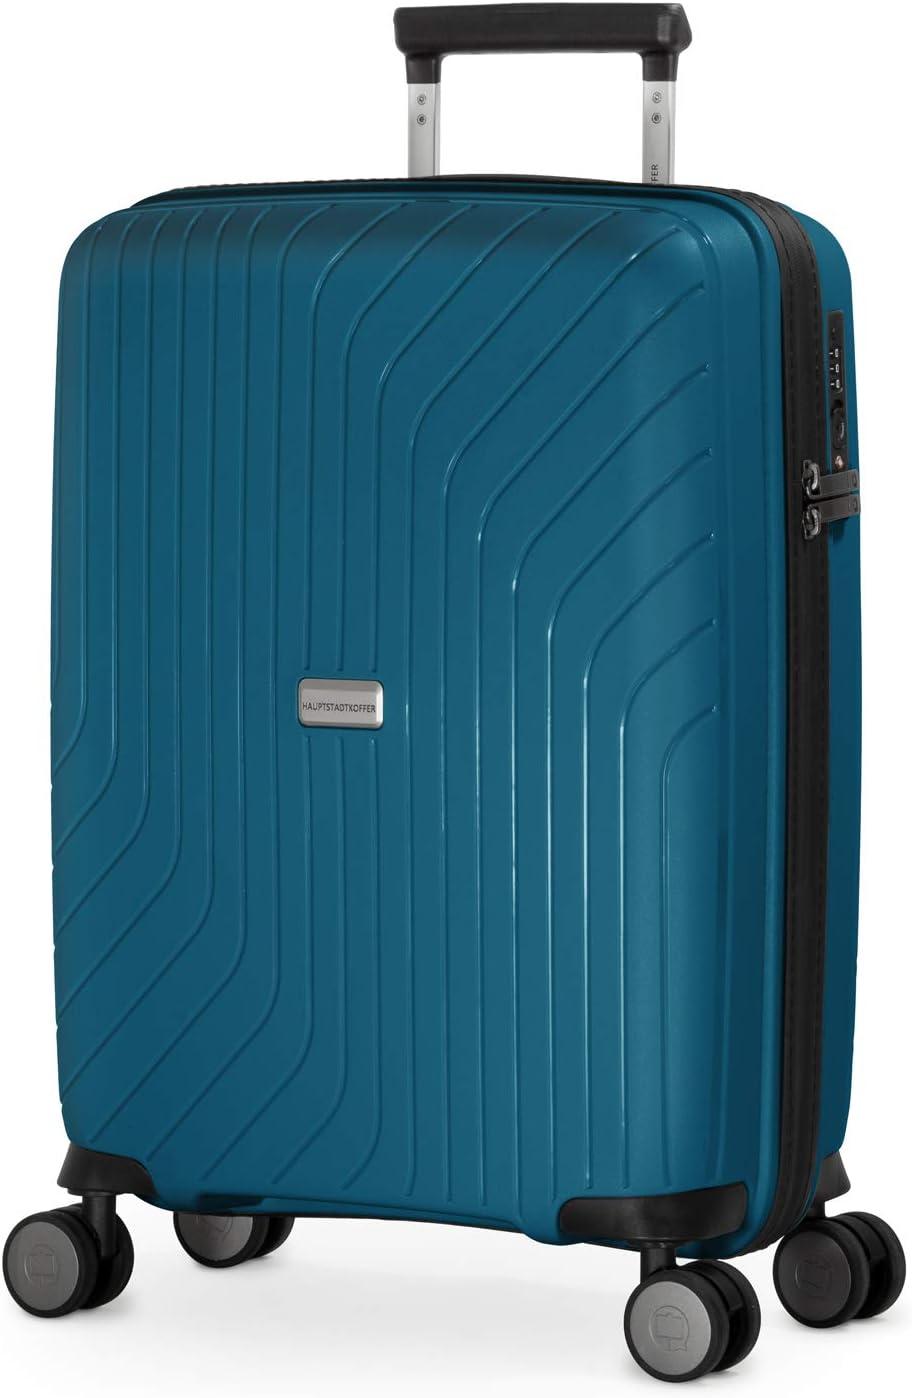 HAUPTSTADTKOFFER - TXL - Equipaje de Mano Ligero, Trolley rígido de Polipropileno Resistente, Maleta Cabina 55 cm, 36 L, Cierre TSA, Azul Royal